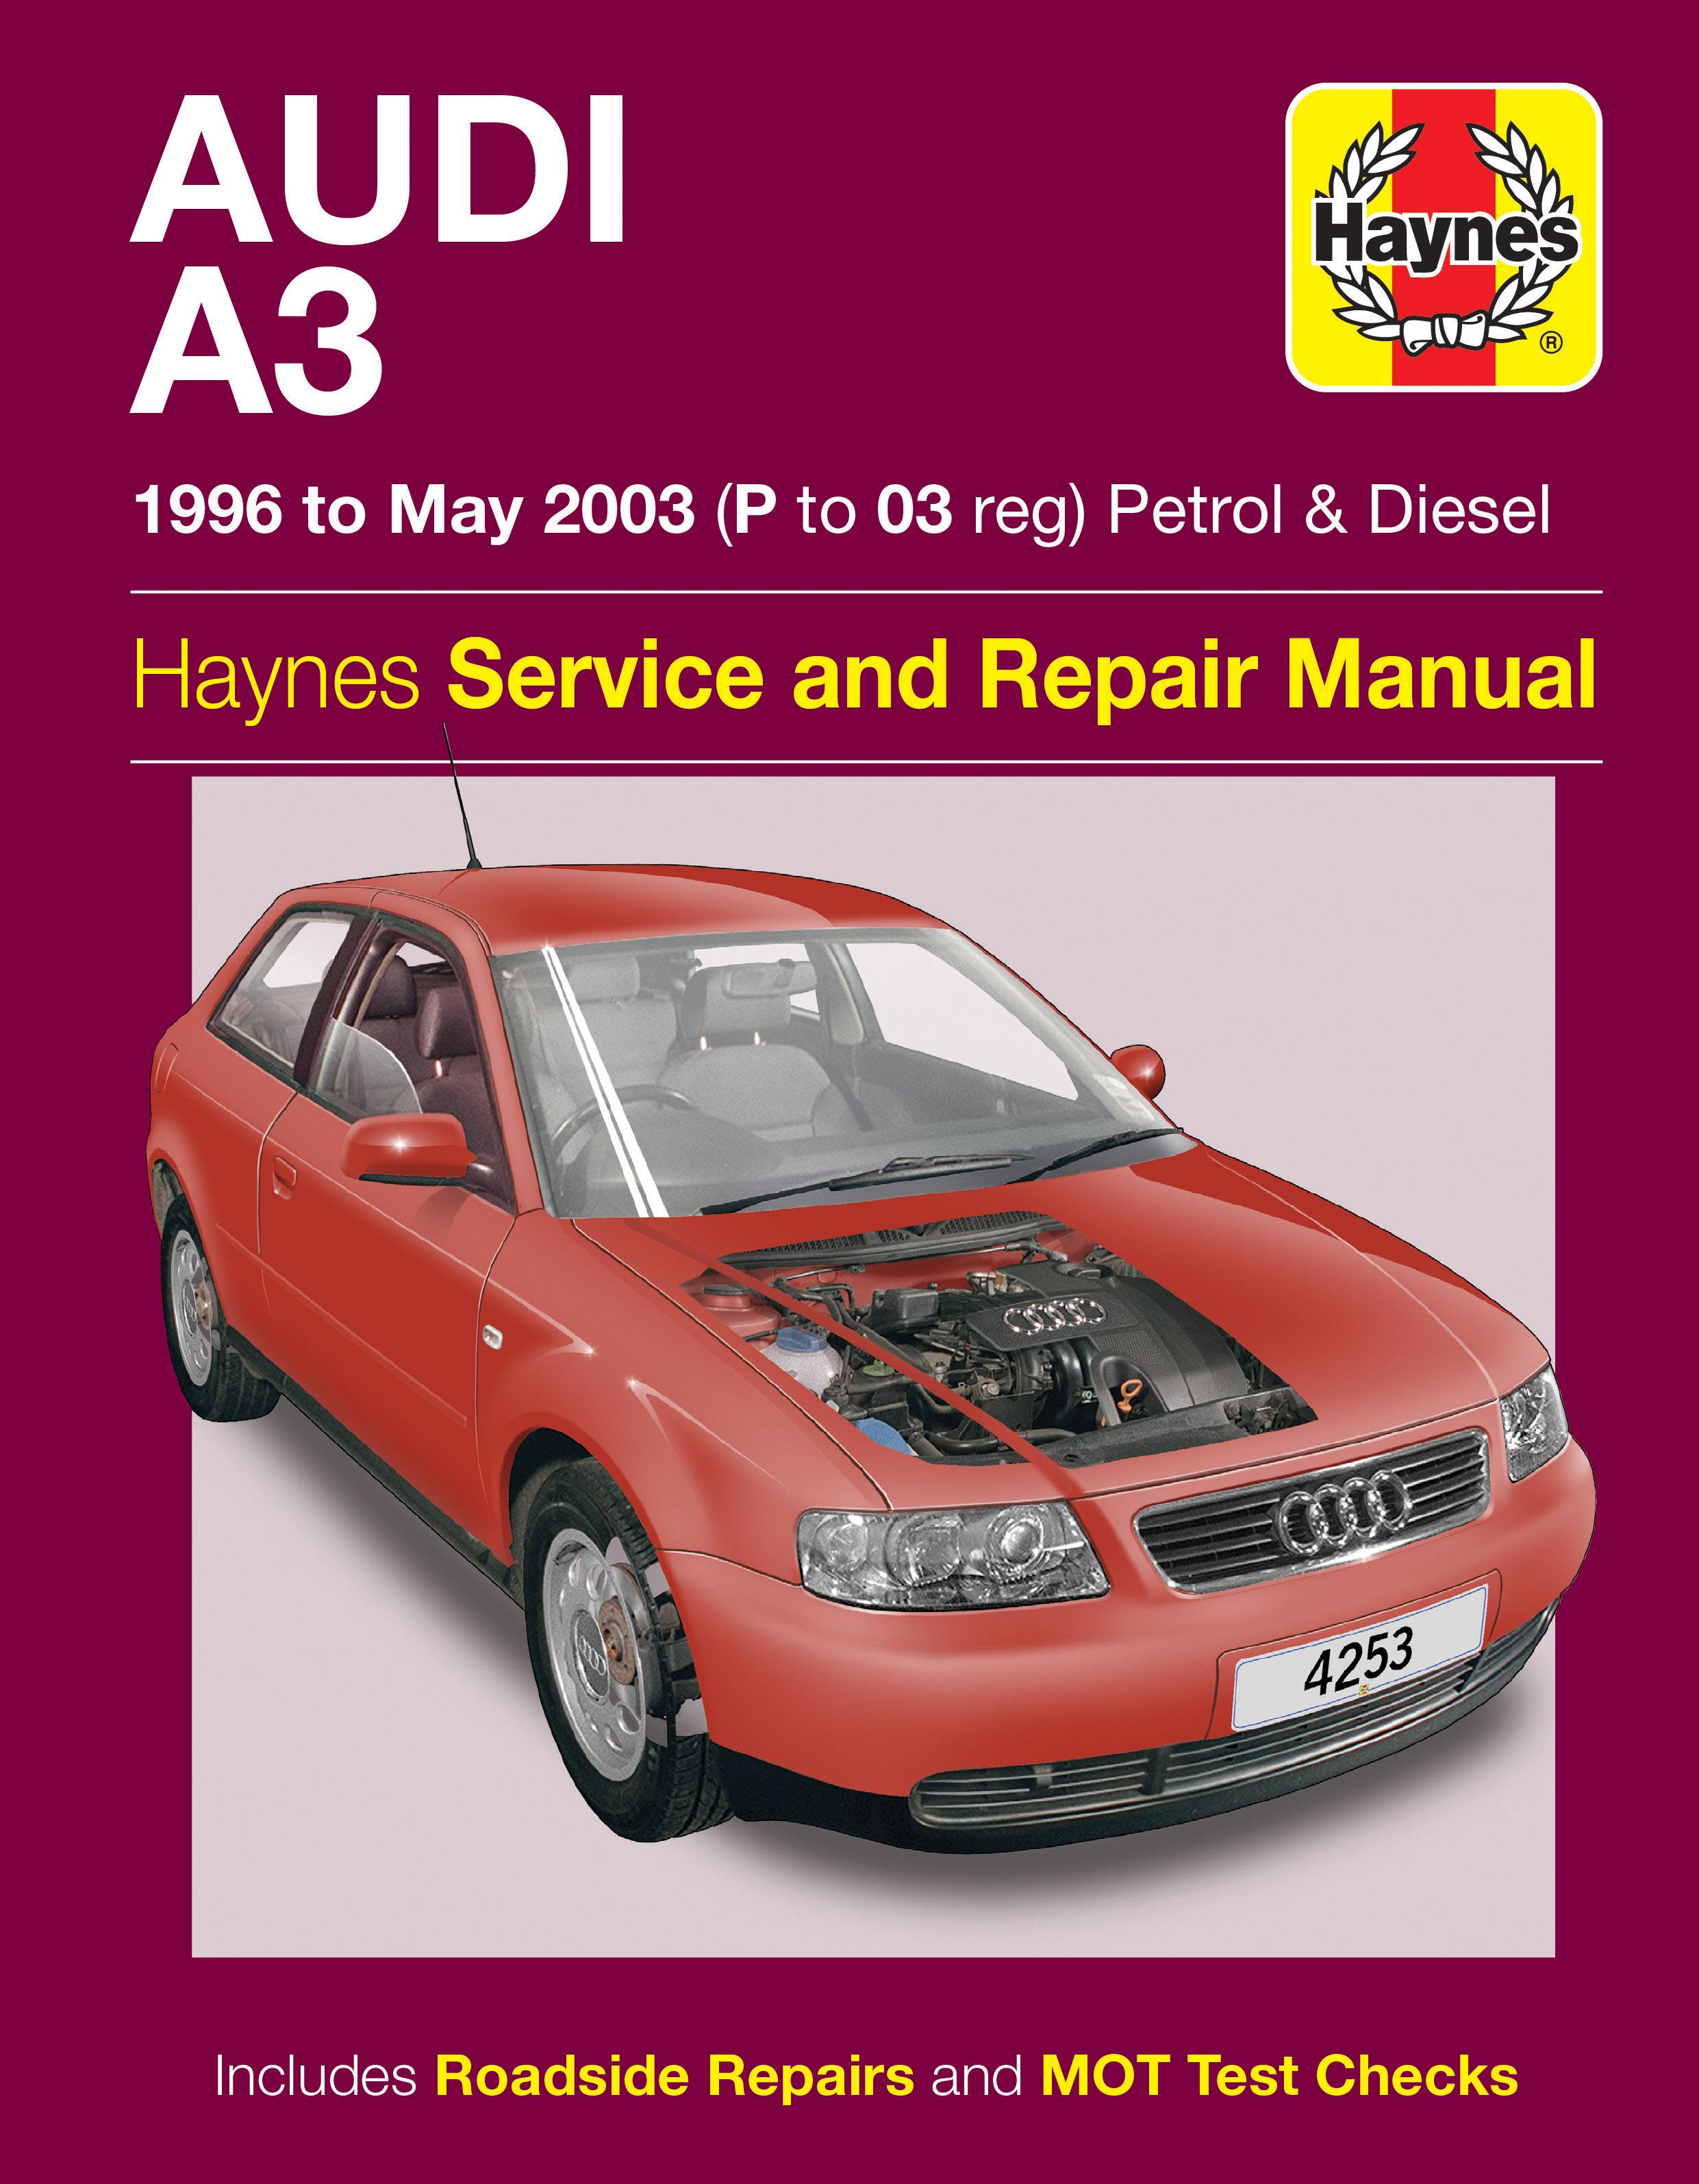 audi a3 petrol diesel 96 may 03 haynes repair manual haynes rh haynes com audi a5 haynes manual audi a5 haynes manual